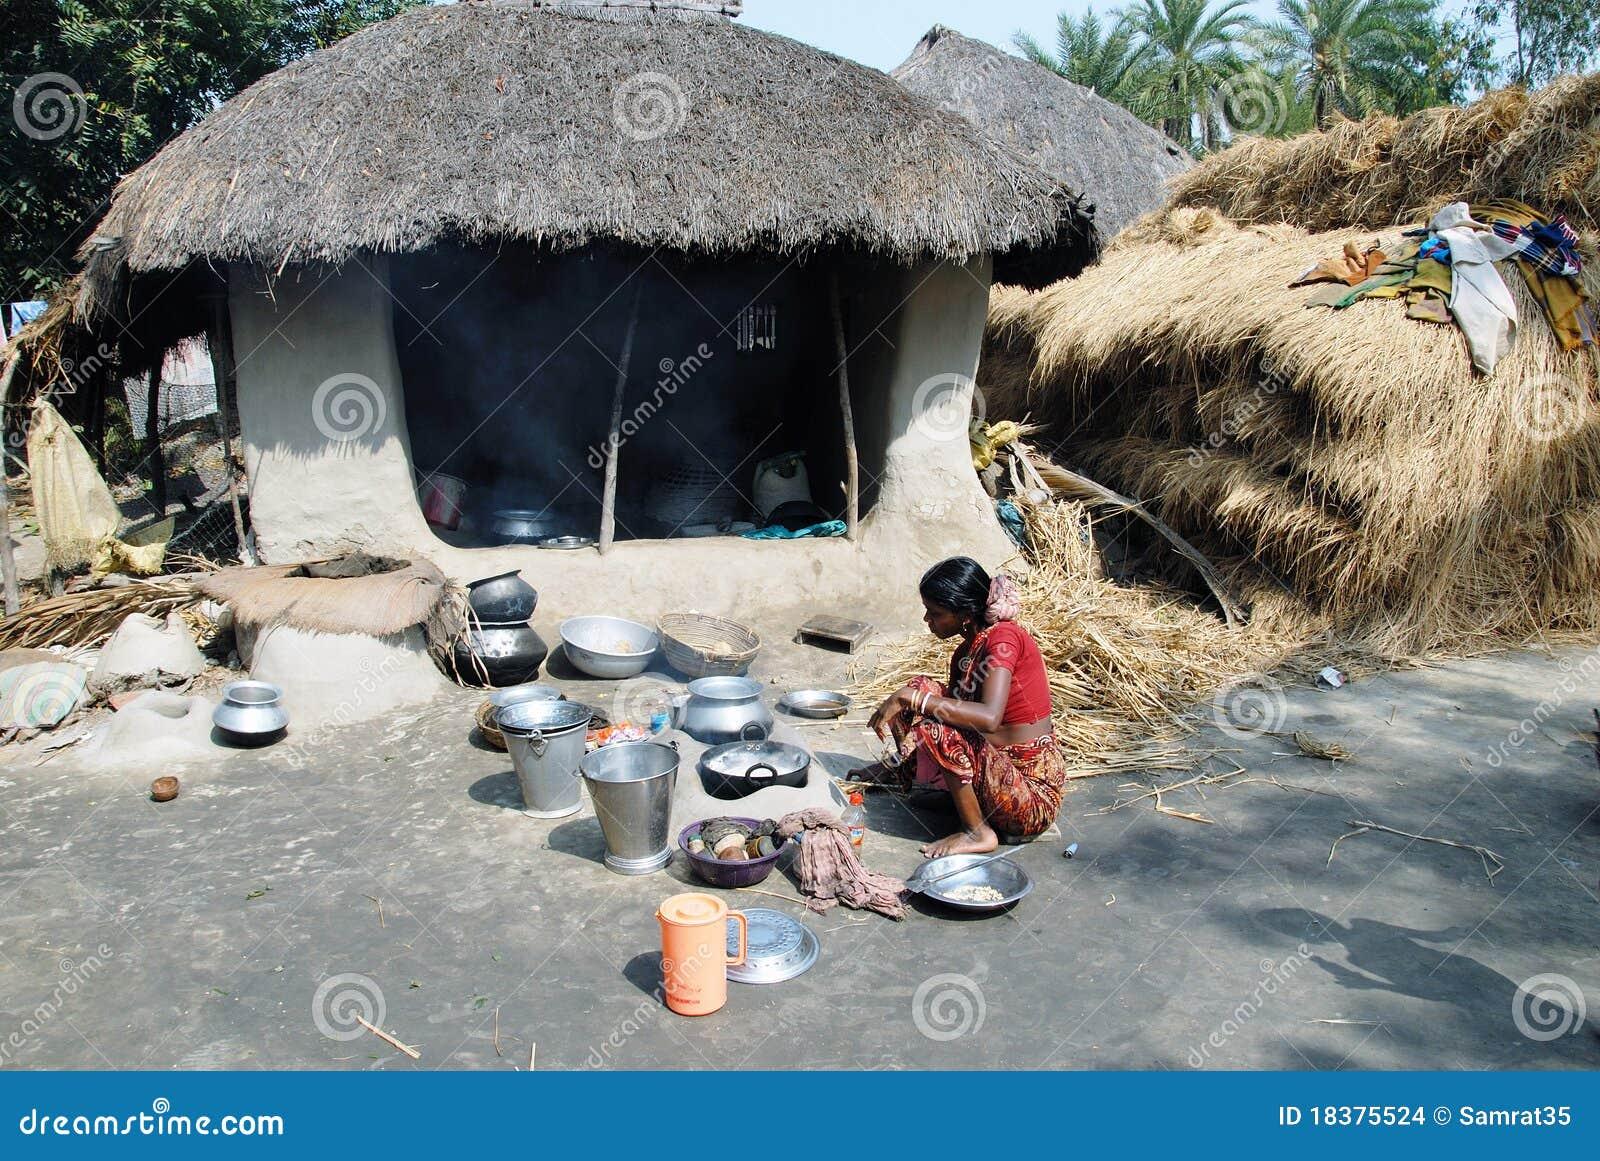 индийское село жизни